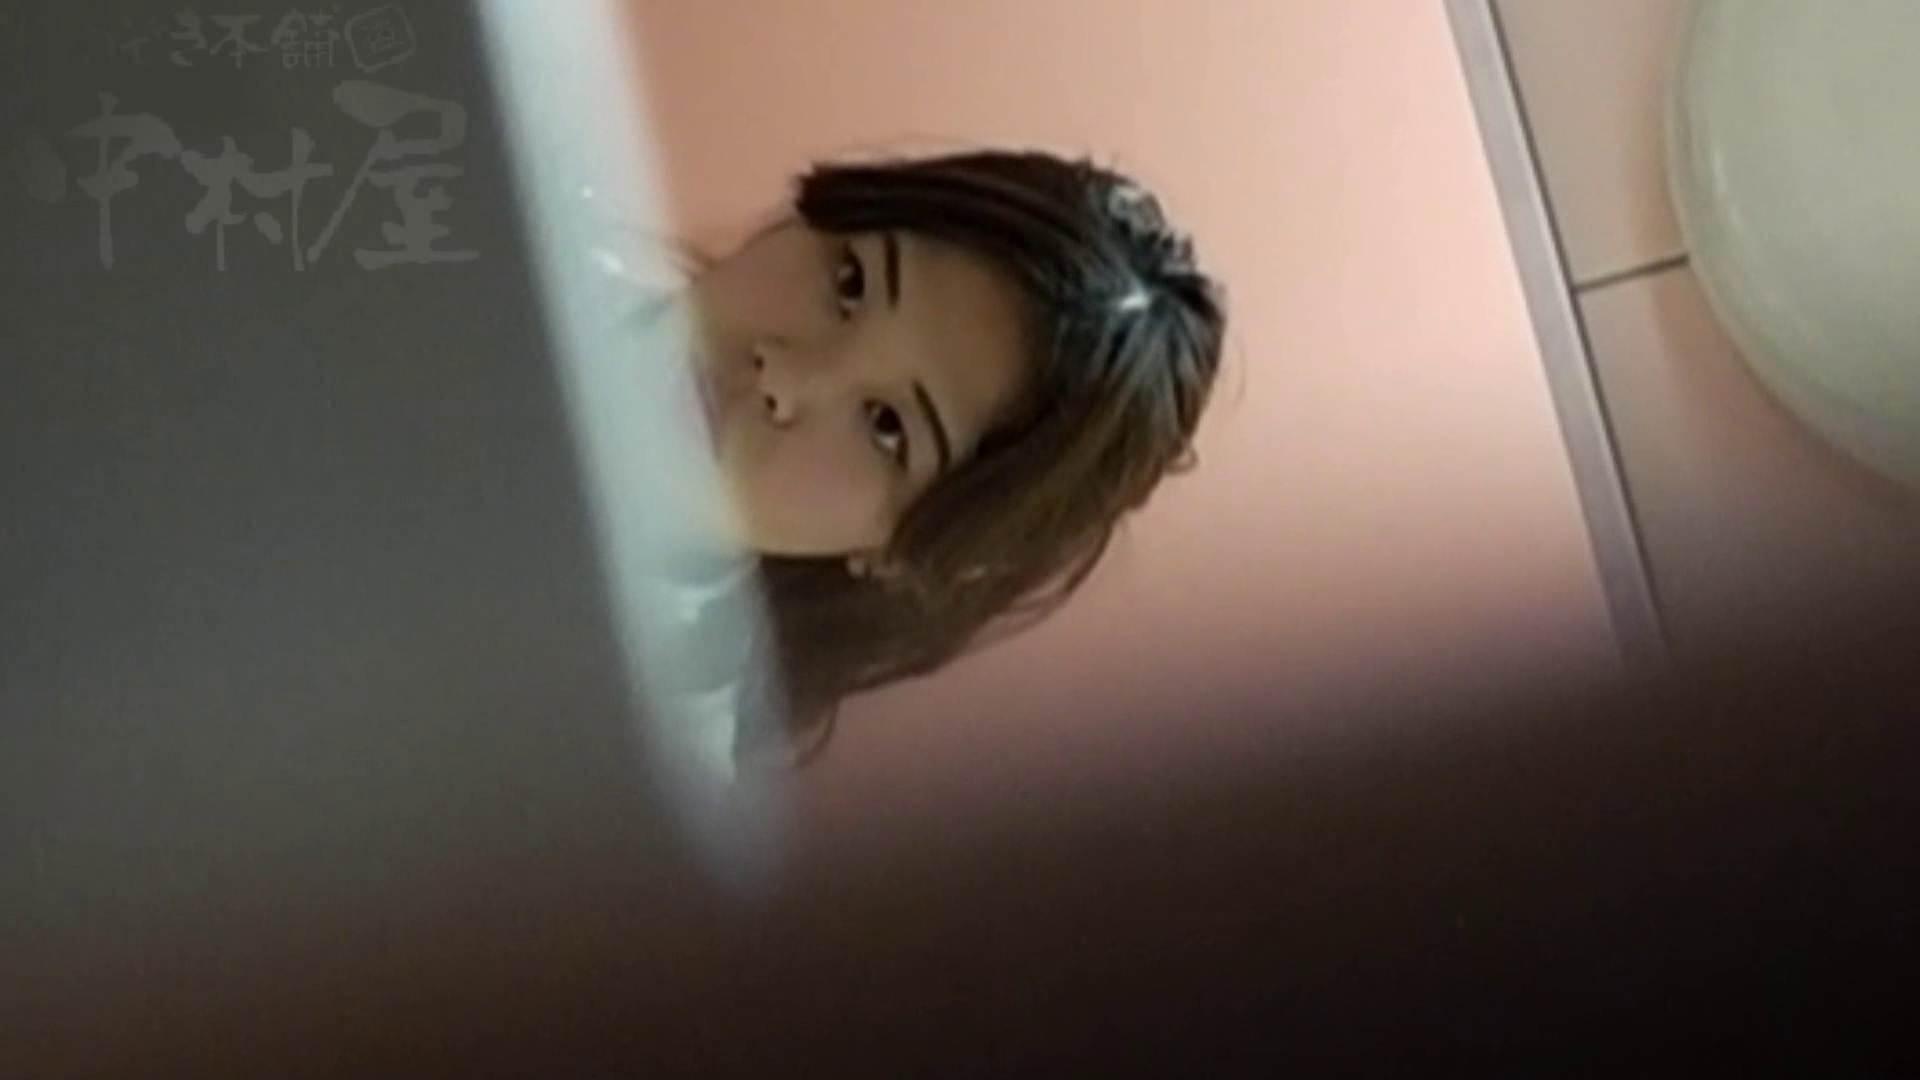 美しい日本の未来 No.15 いっぱいです。いっぱいなんです。 トイレ突入 SEX無修正画像 105pic 25